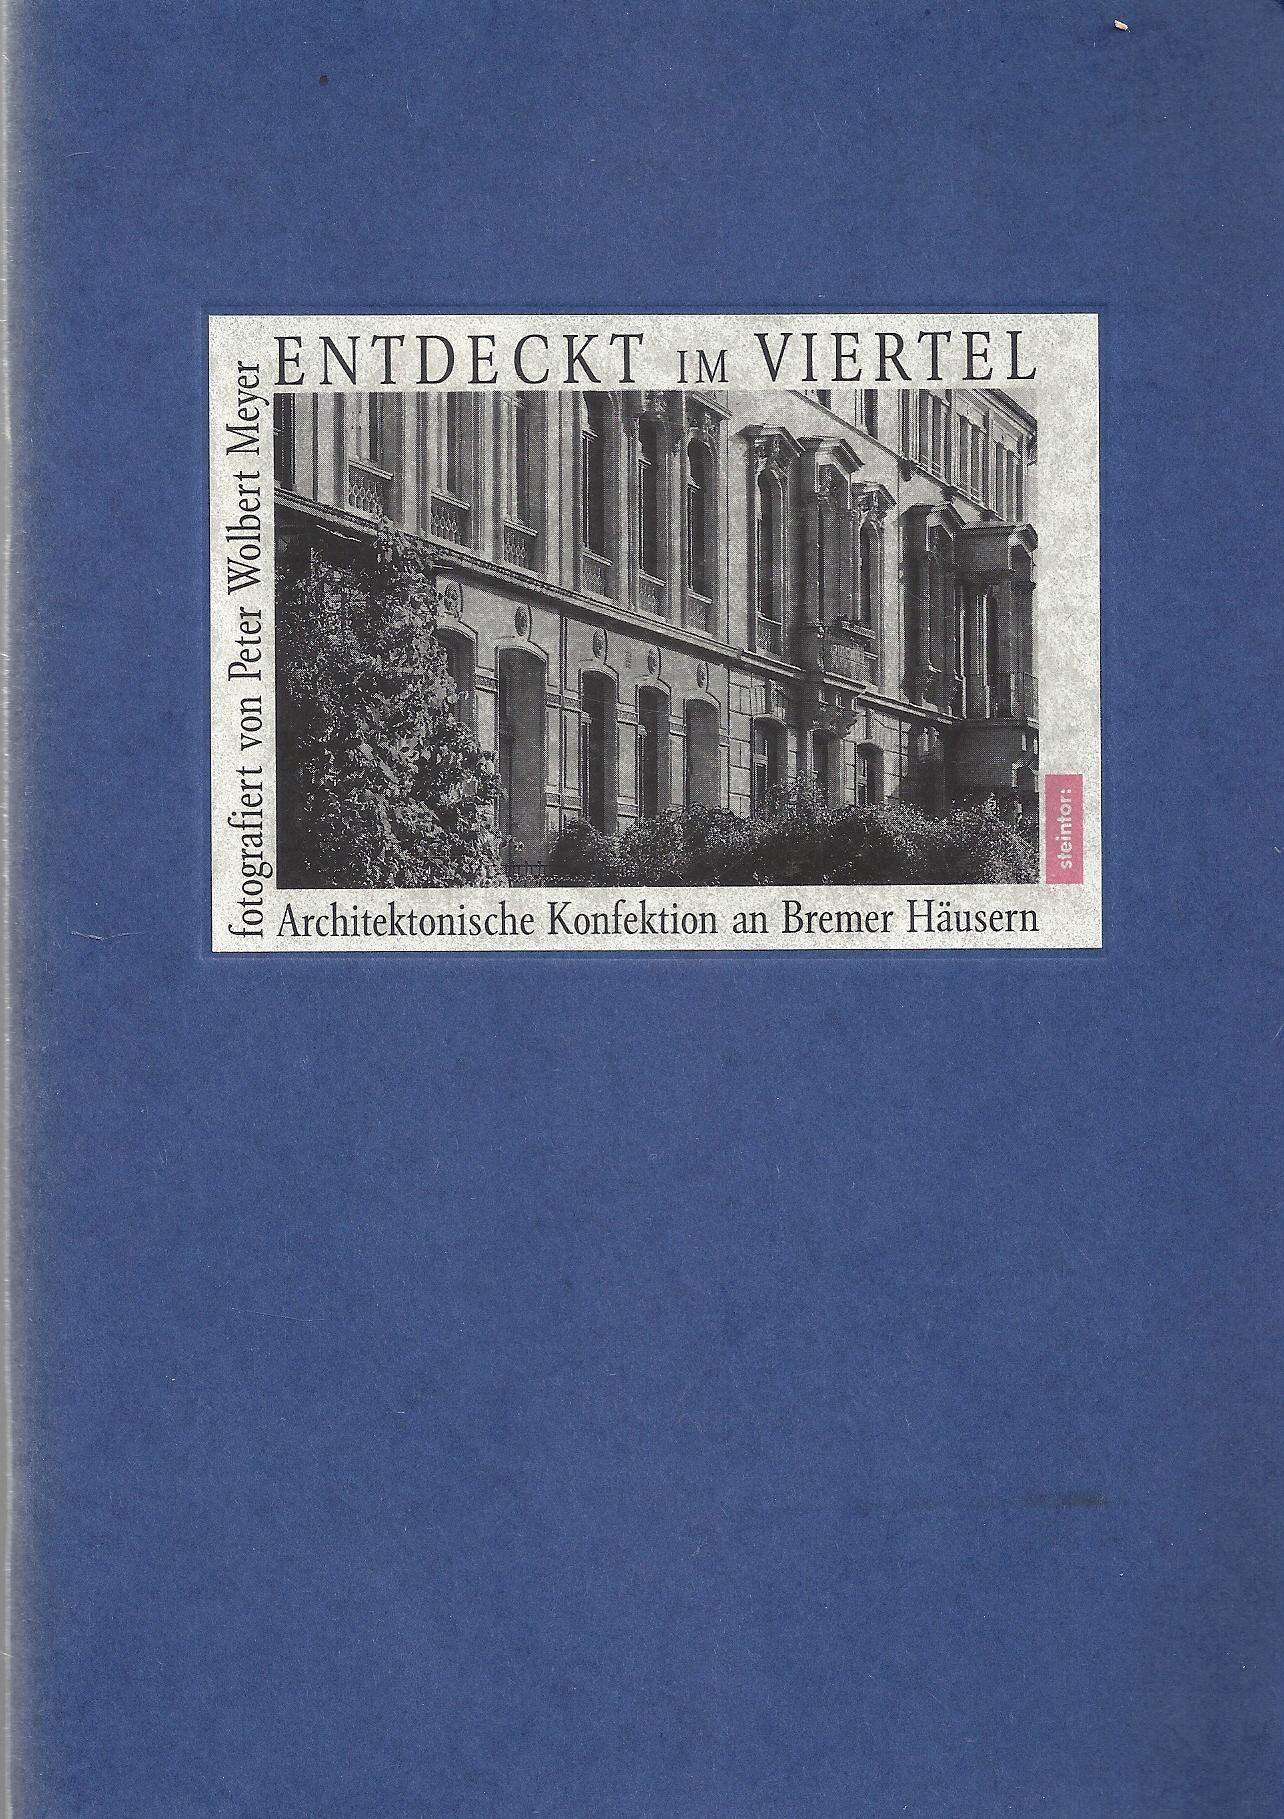 Entdeckt im Viertel - Architektonische Konfektion an: Meyer,Peter